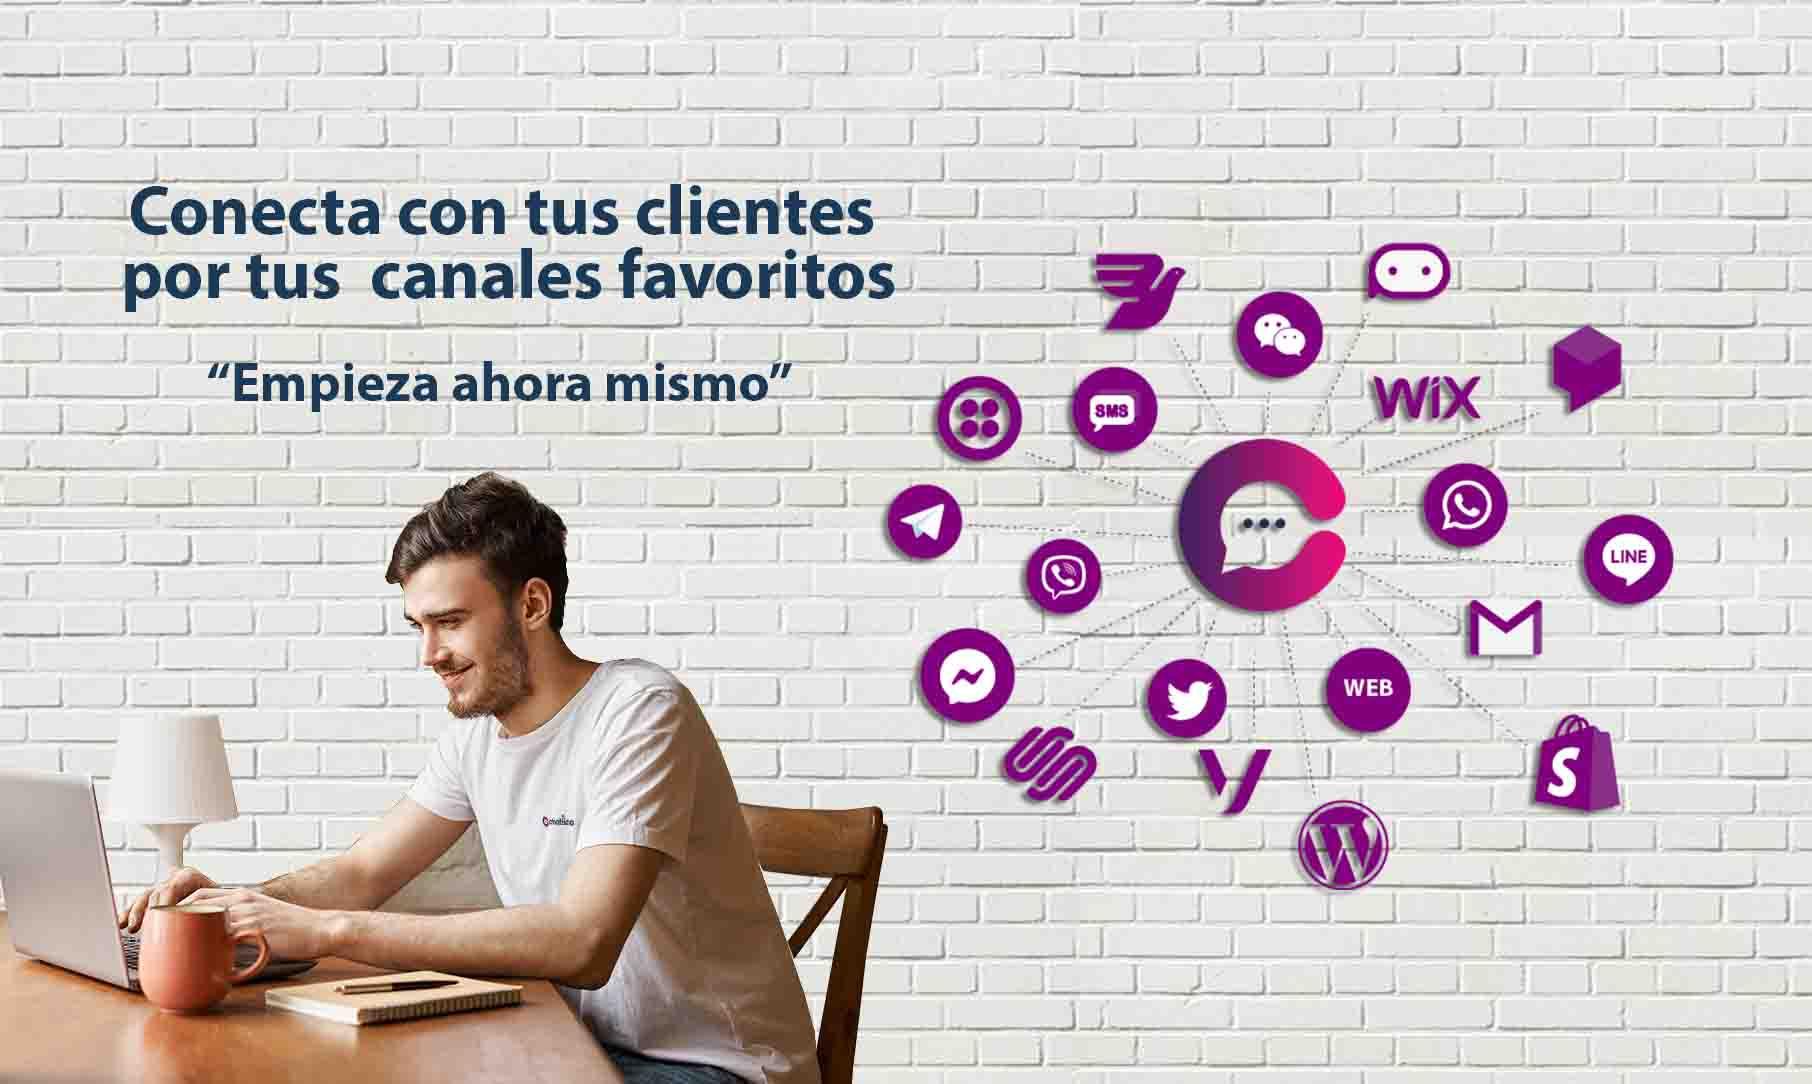 Conecta con tus clientes por tus canales favoritos